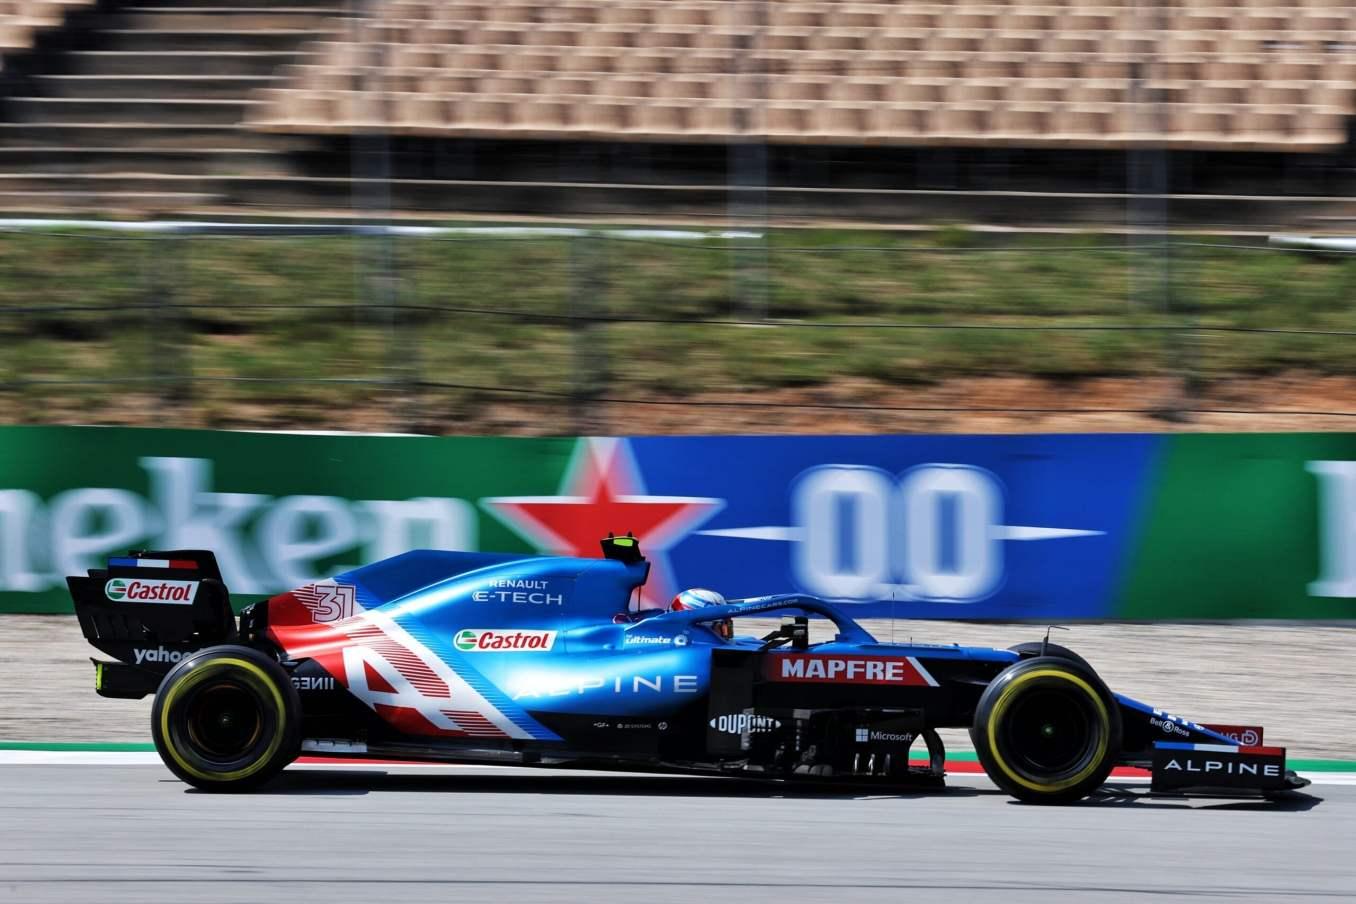 Alpine F1 Team A521 Alonso Ocon Grand Prix Espagne 2021 23 scaled | Alpine F1 Team : des essais libres 1 et 2 encourageants au GP d'Espagne